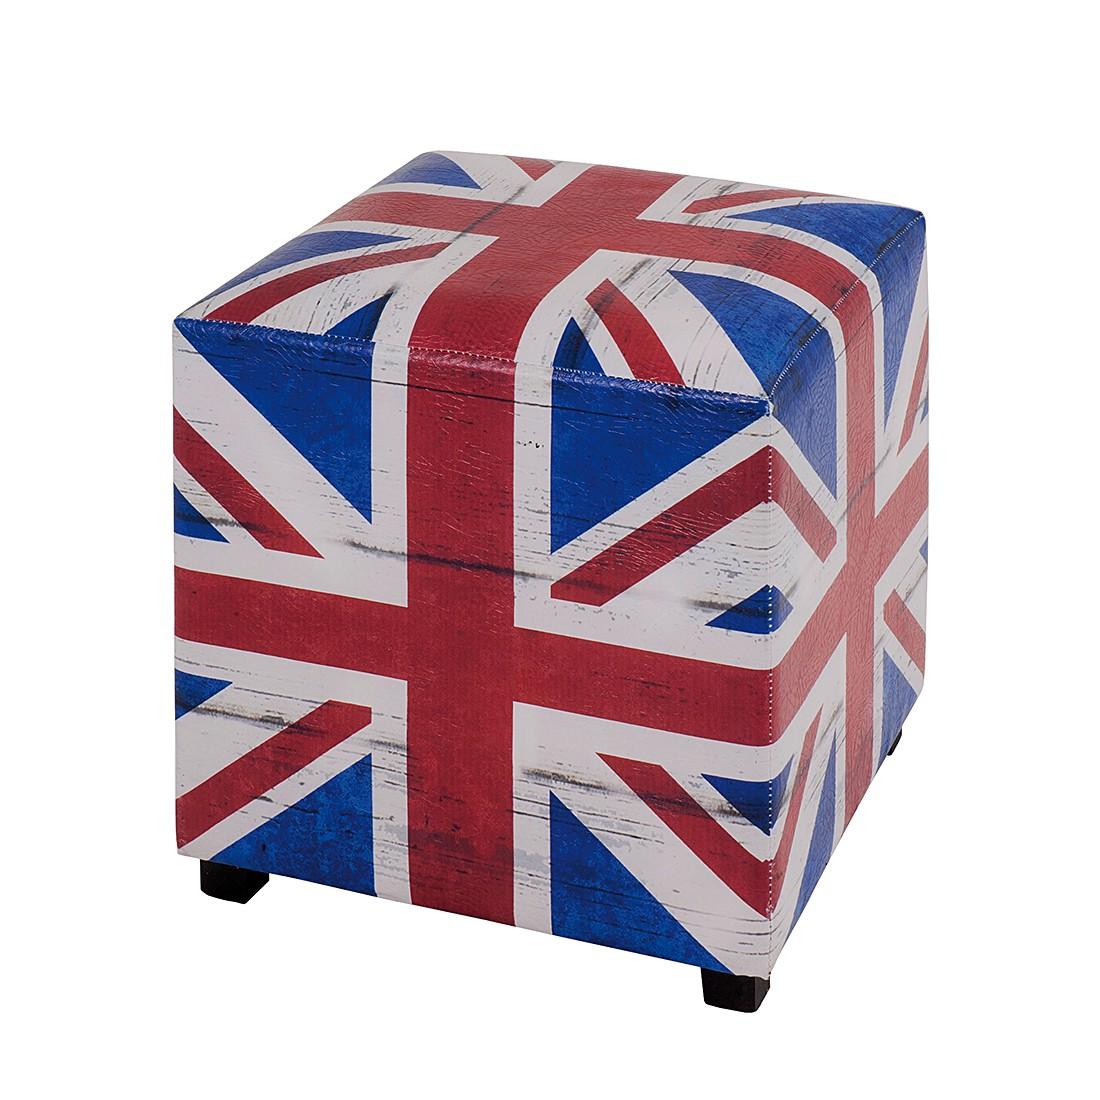 Hocker Great Britain - blauw/rood/wit, Home Design